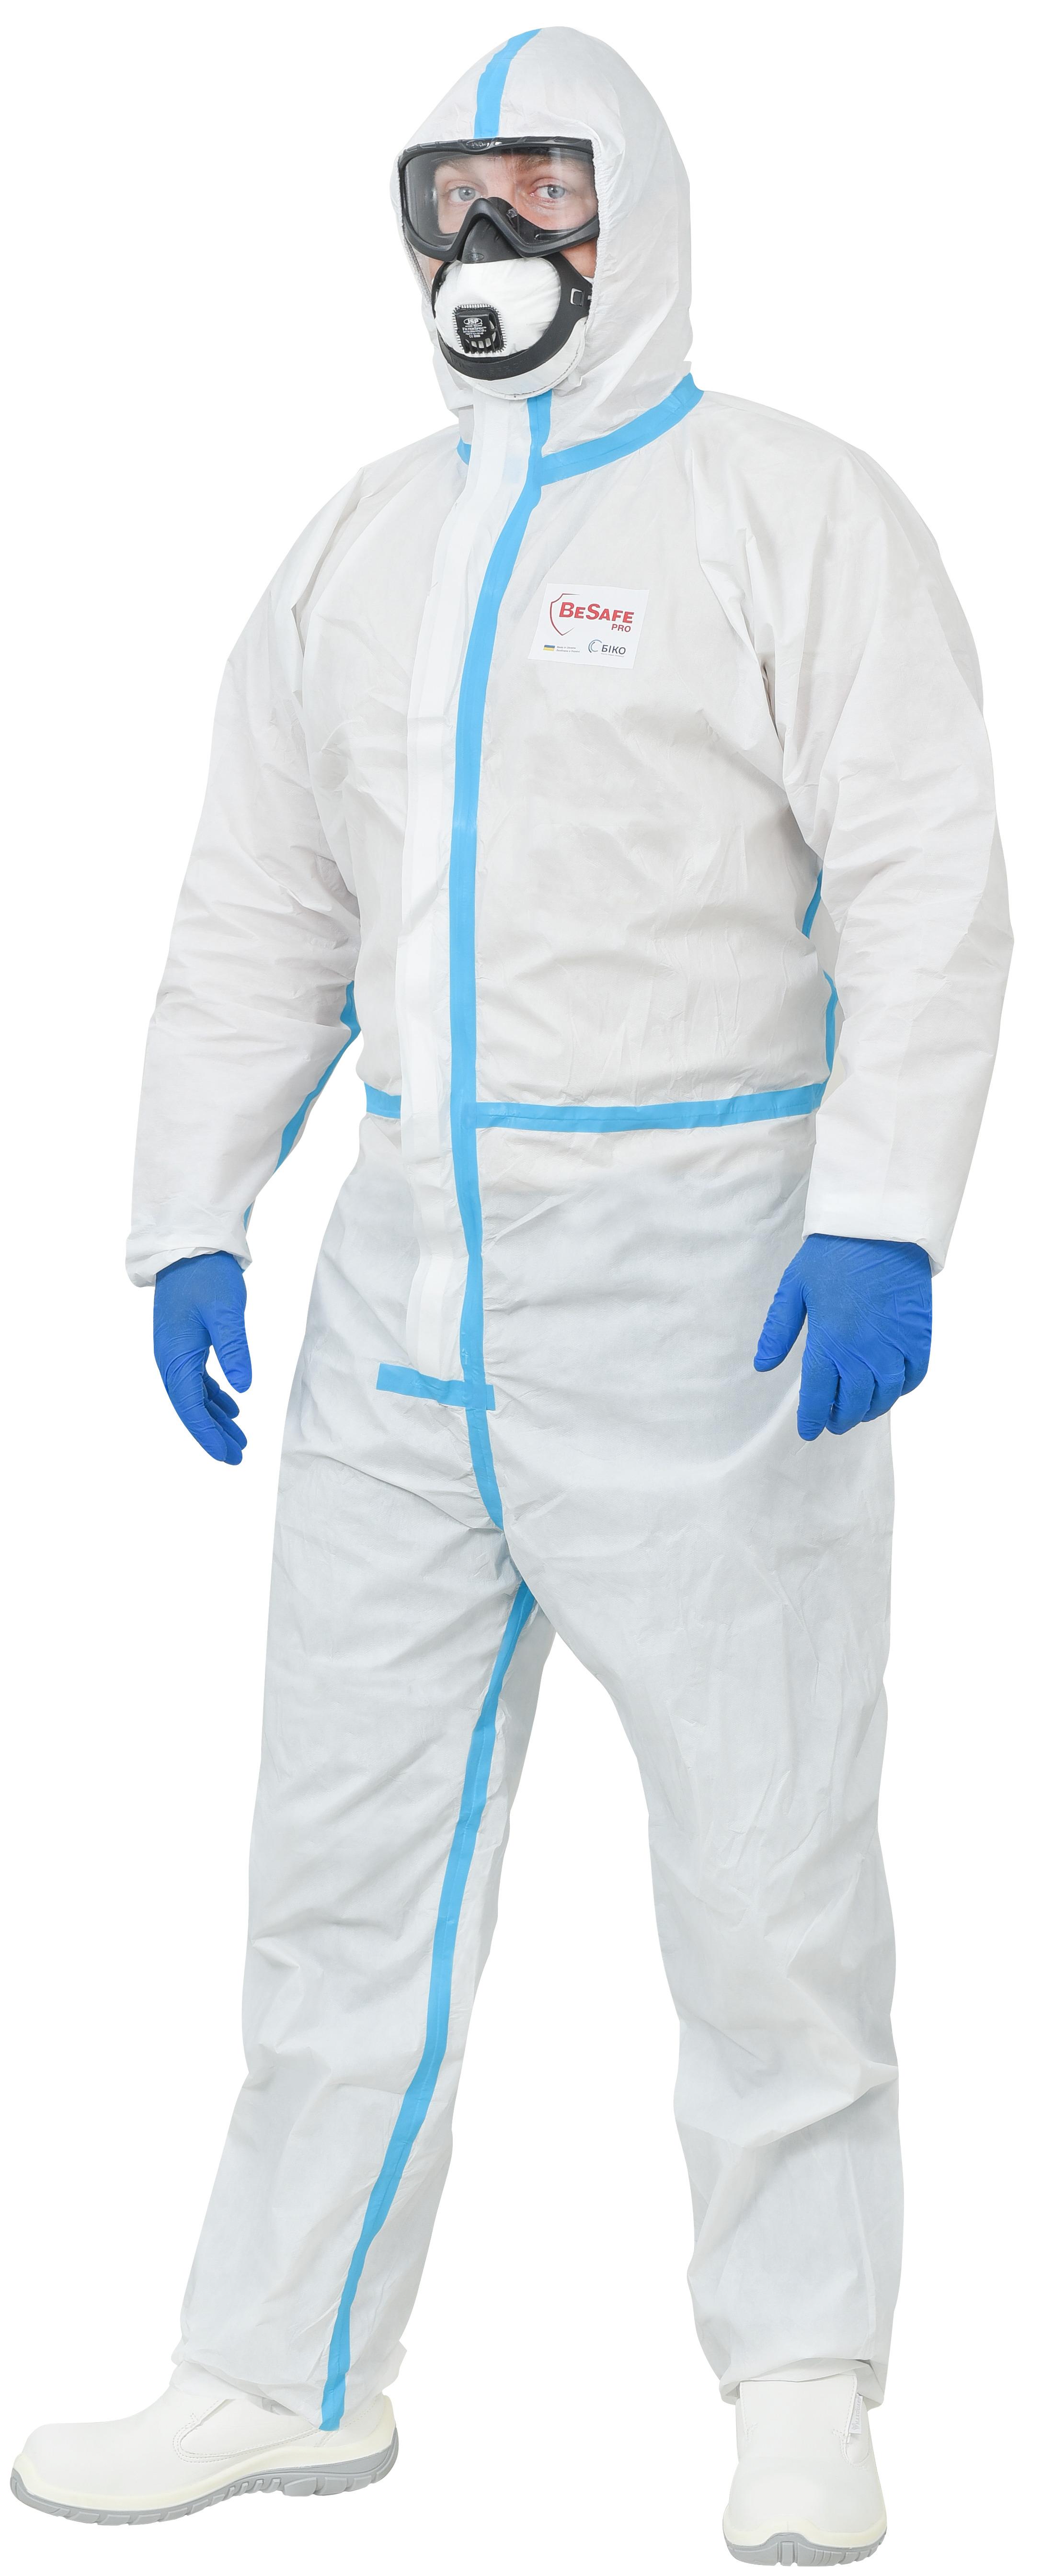 Медиков будут защищать от ковида сертифицированные костюмы - фото 2